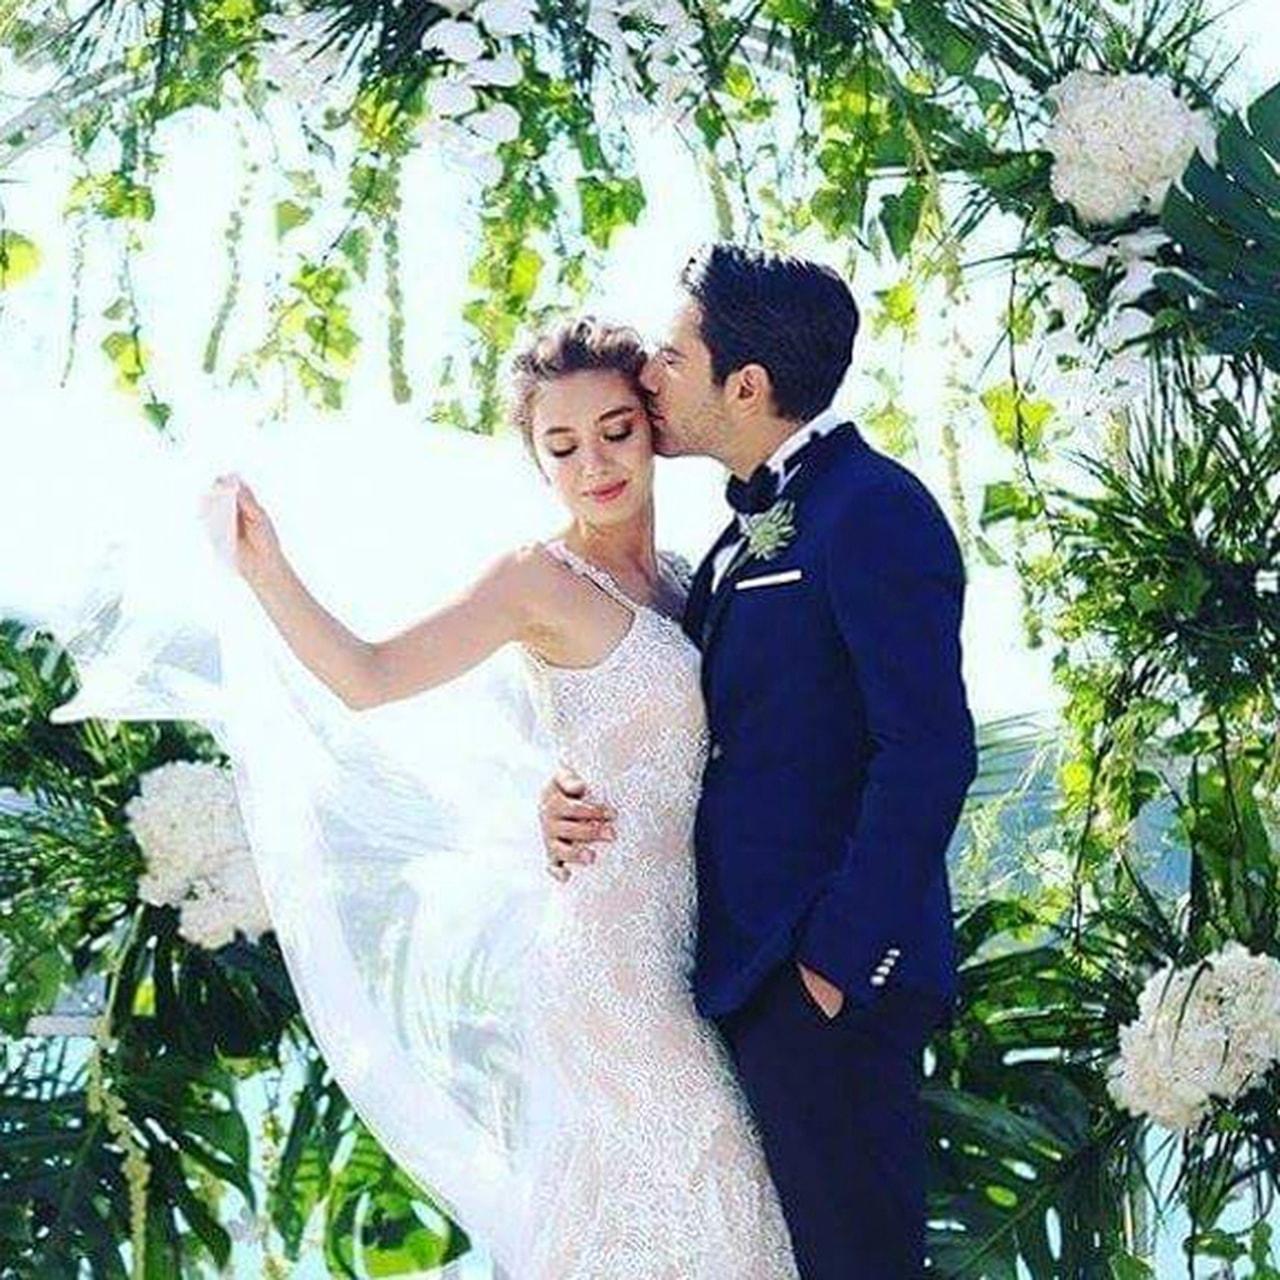 صورة احدث صور الزفاف , احدث موديلات فساتين الزفاف